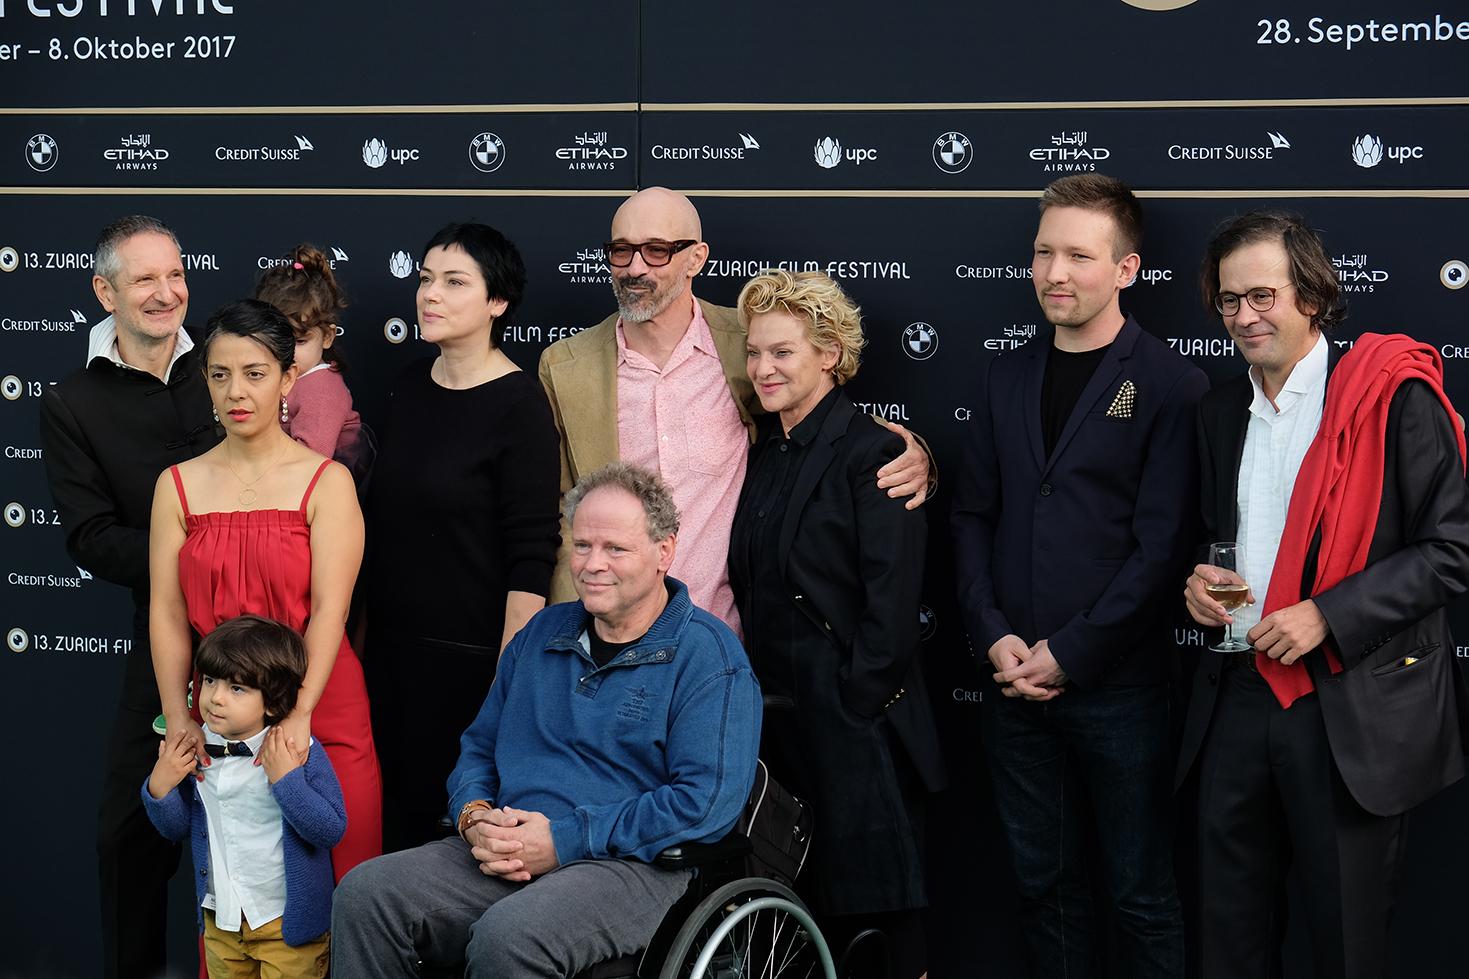 Die Gentrifizierung bin ich, Thomas Haemmerli, Premiere Zurich Film Festival Crew